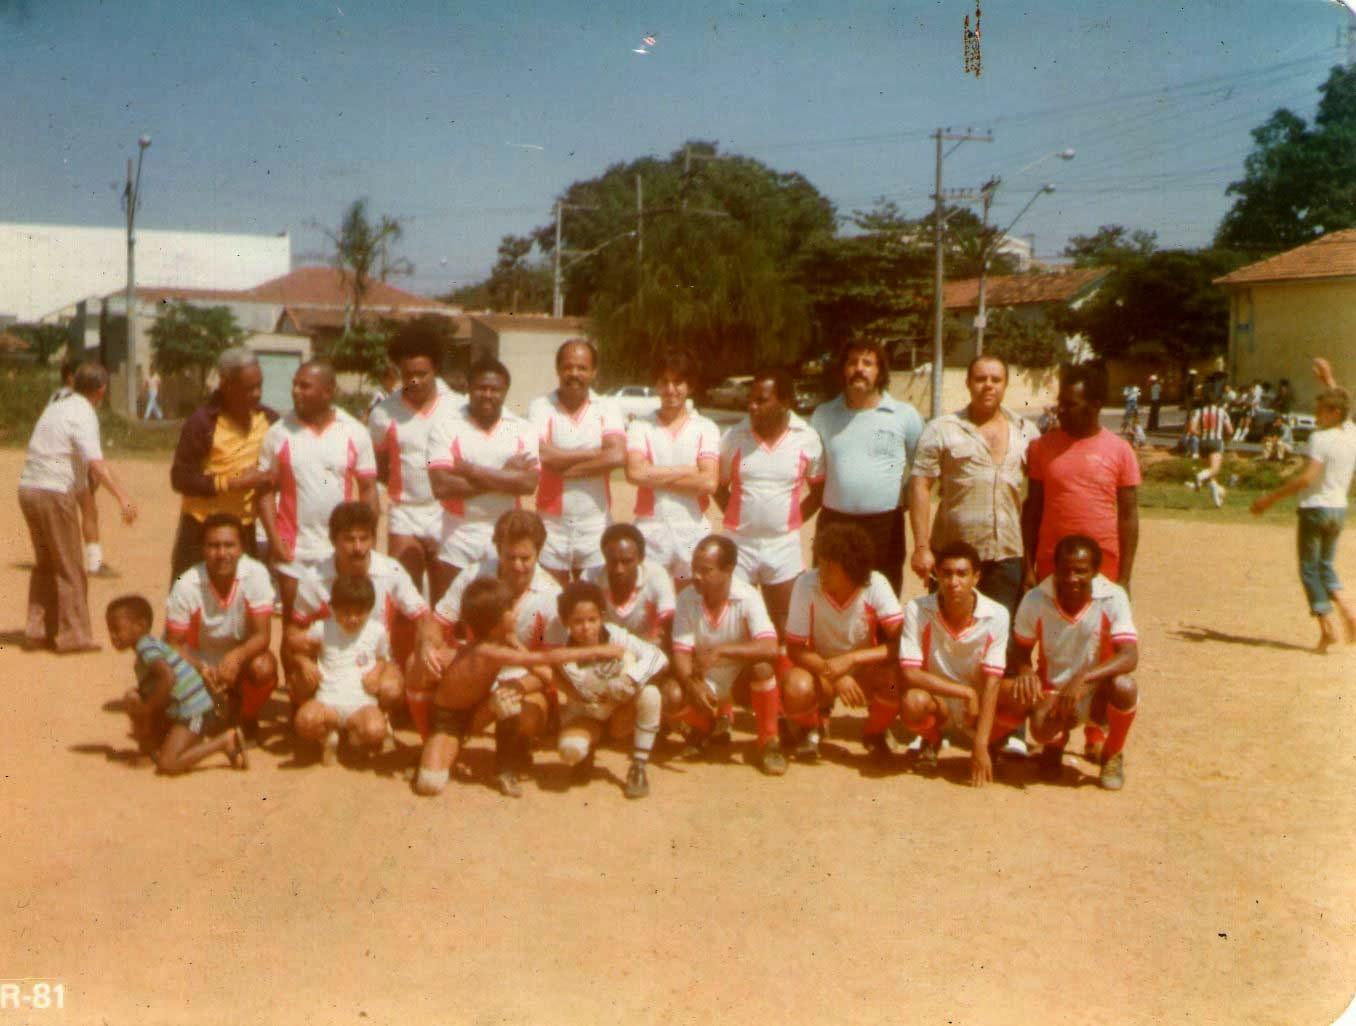 Vila Santa Isabel, futebol de várzea, Zona Leste de São Paulo